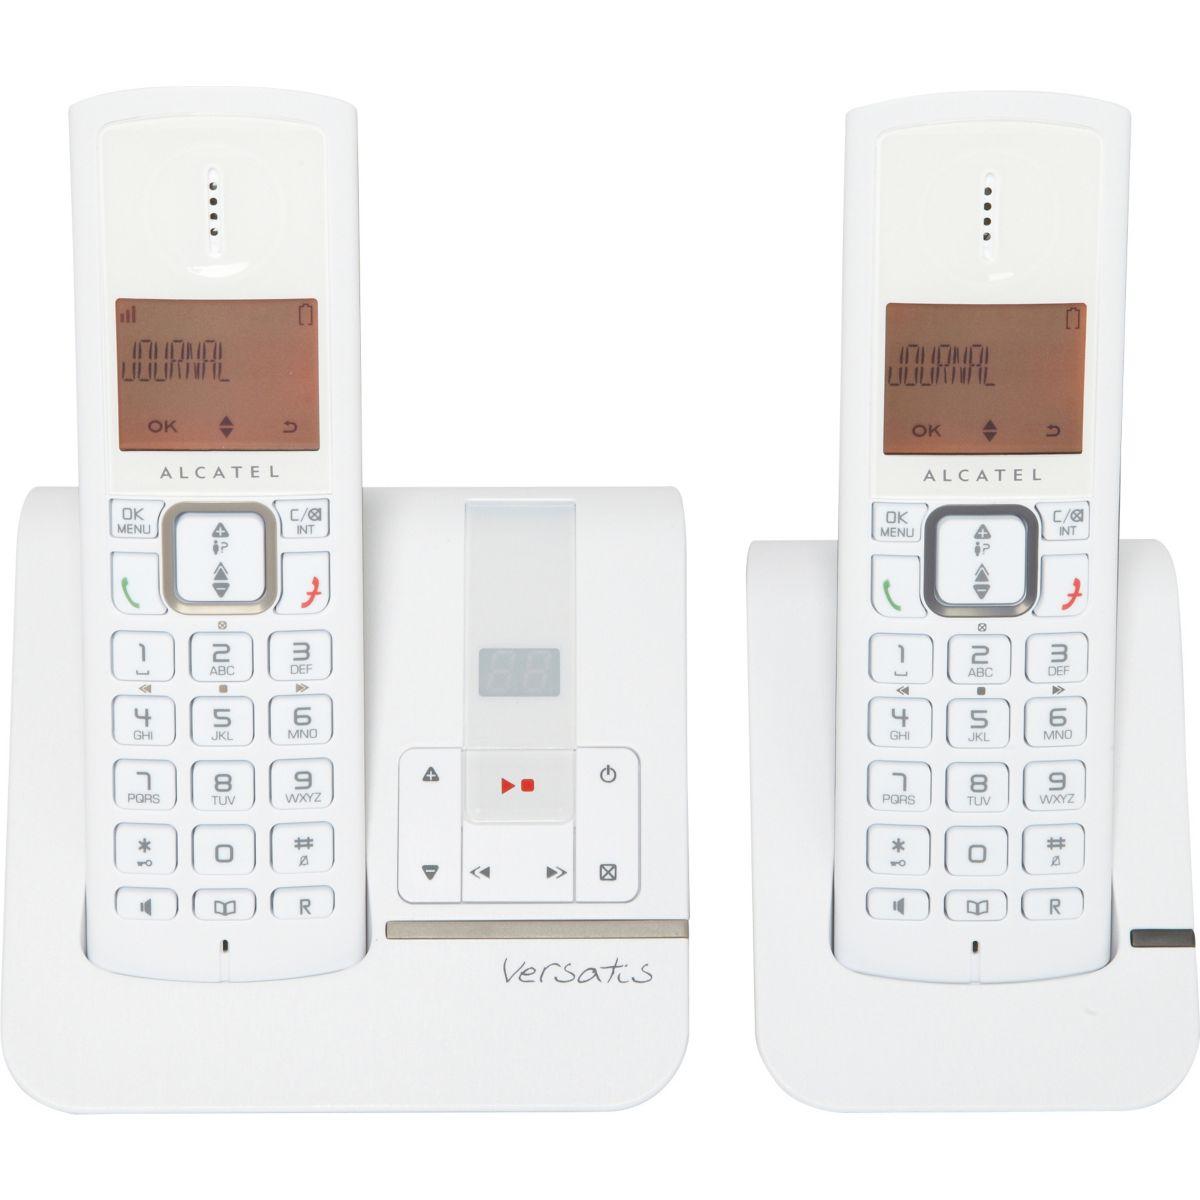 Téléphone répondeur sans fil duo alcatel f230 voice taupe - 3% de remise immédiate avec le code : multi3 (photo)